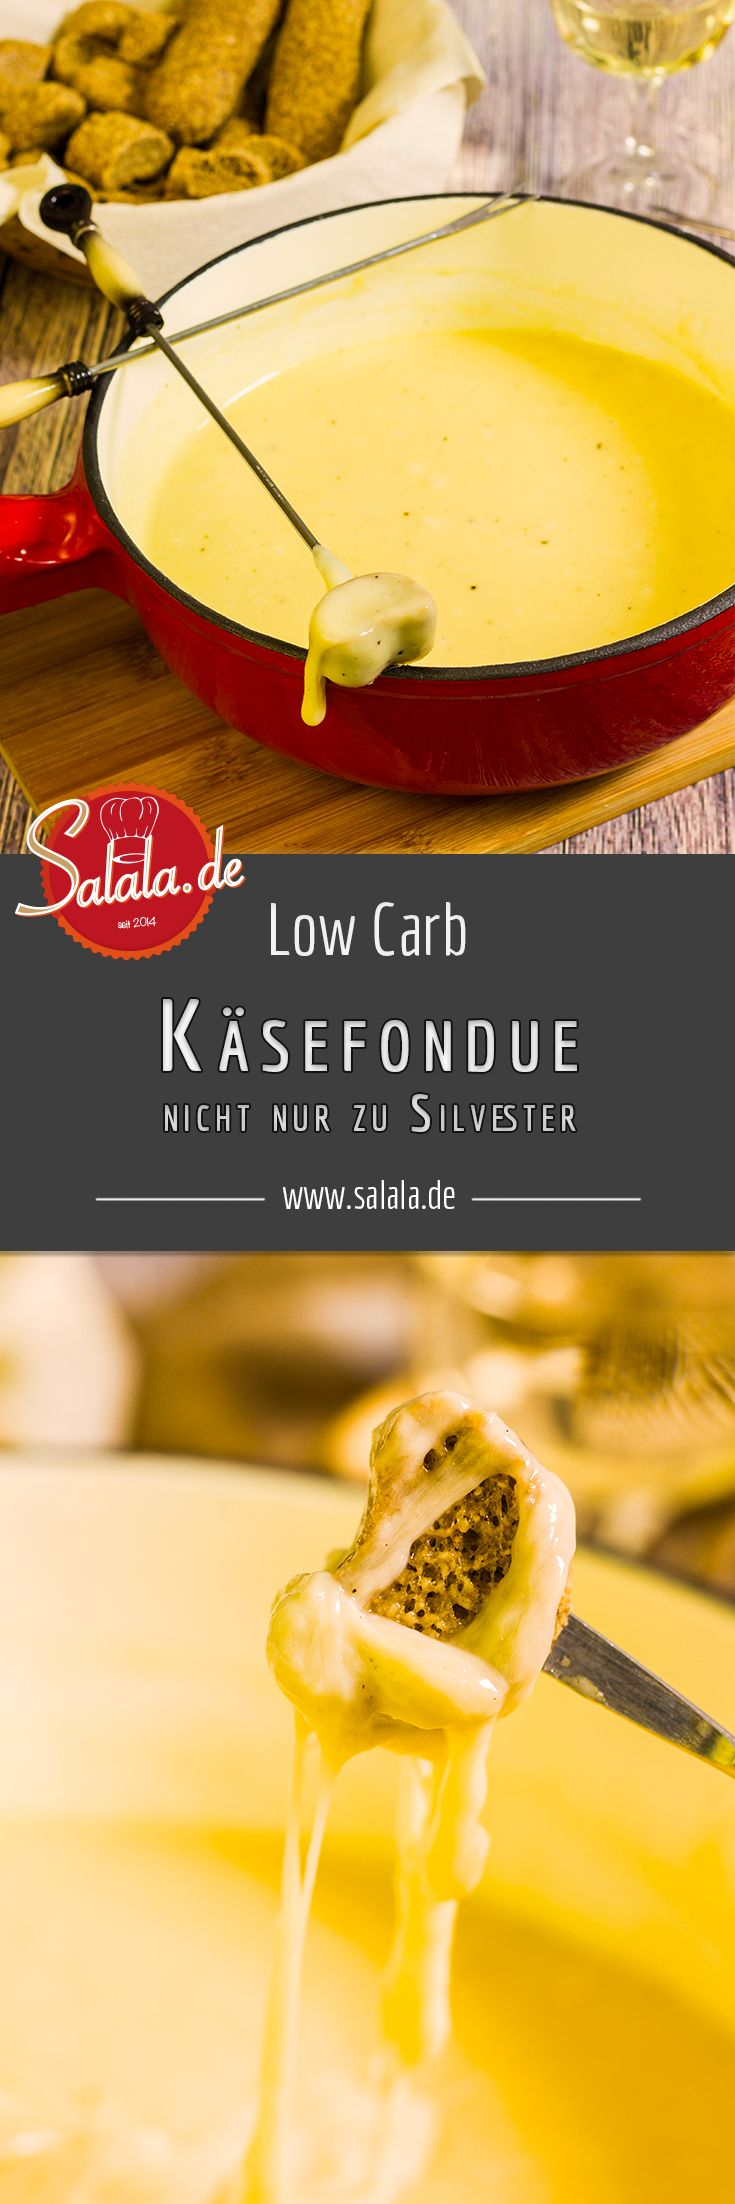 Cremiges Schweizer Käsefondue mit der richtigen Käsemischung und der korrekte Zubereitung!